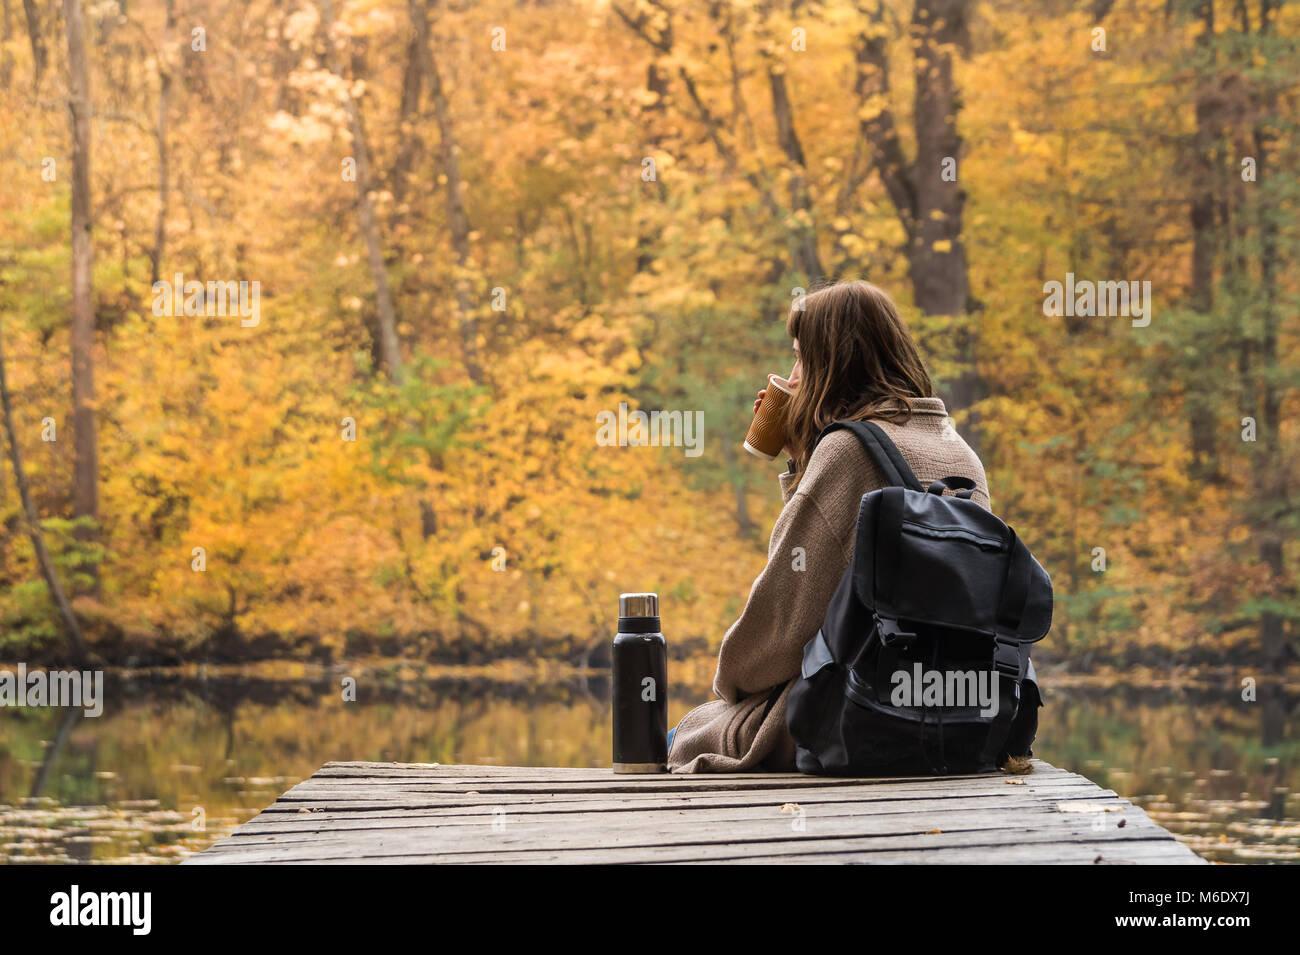 Chica tener descanso y bebida caliente en termos de cerca del lago, en un parque natural en un día de otoño Imagen De Stock